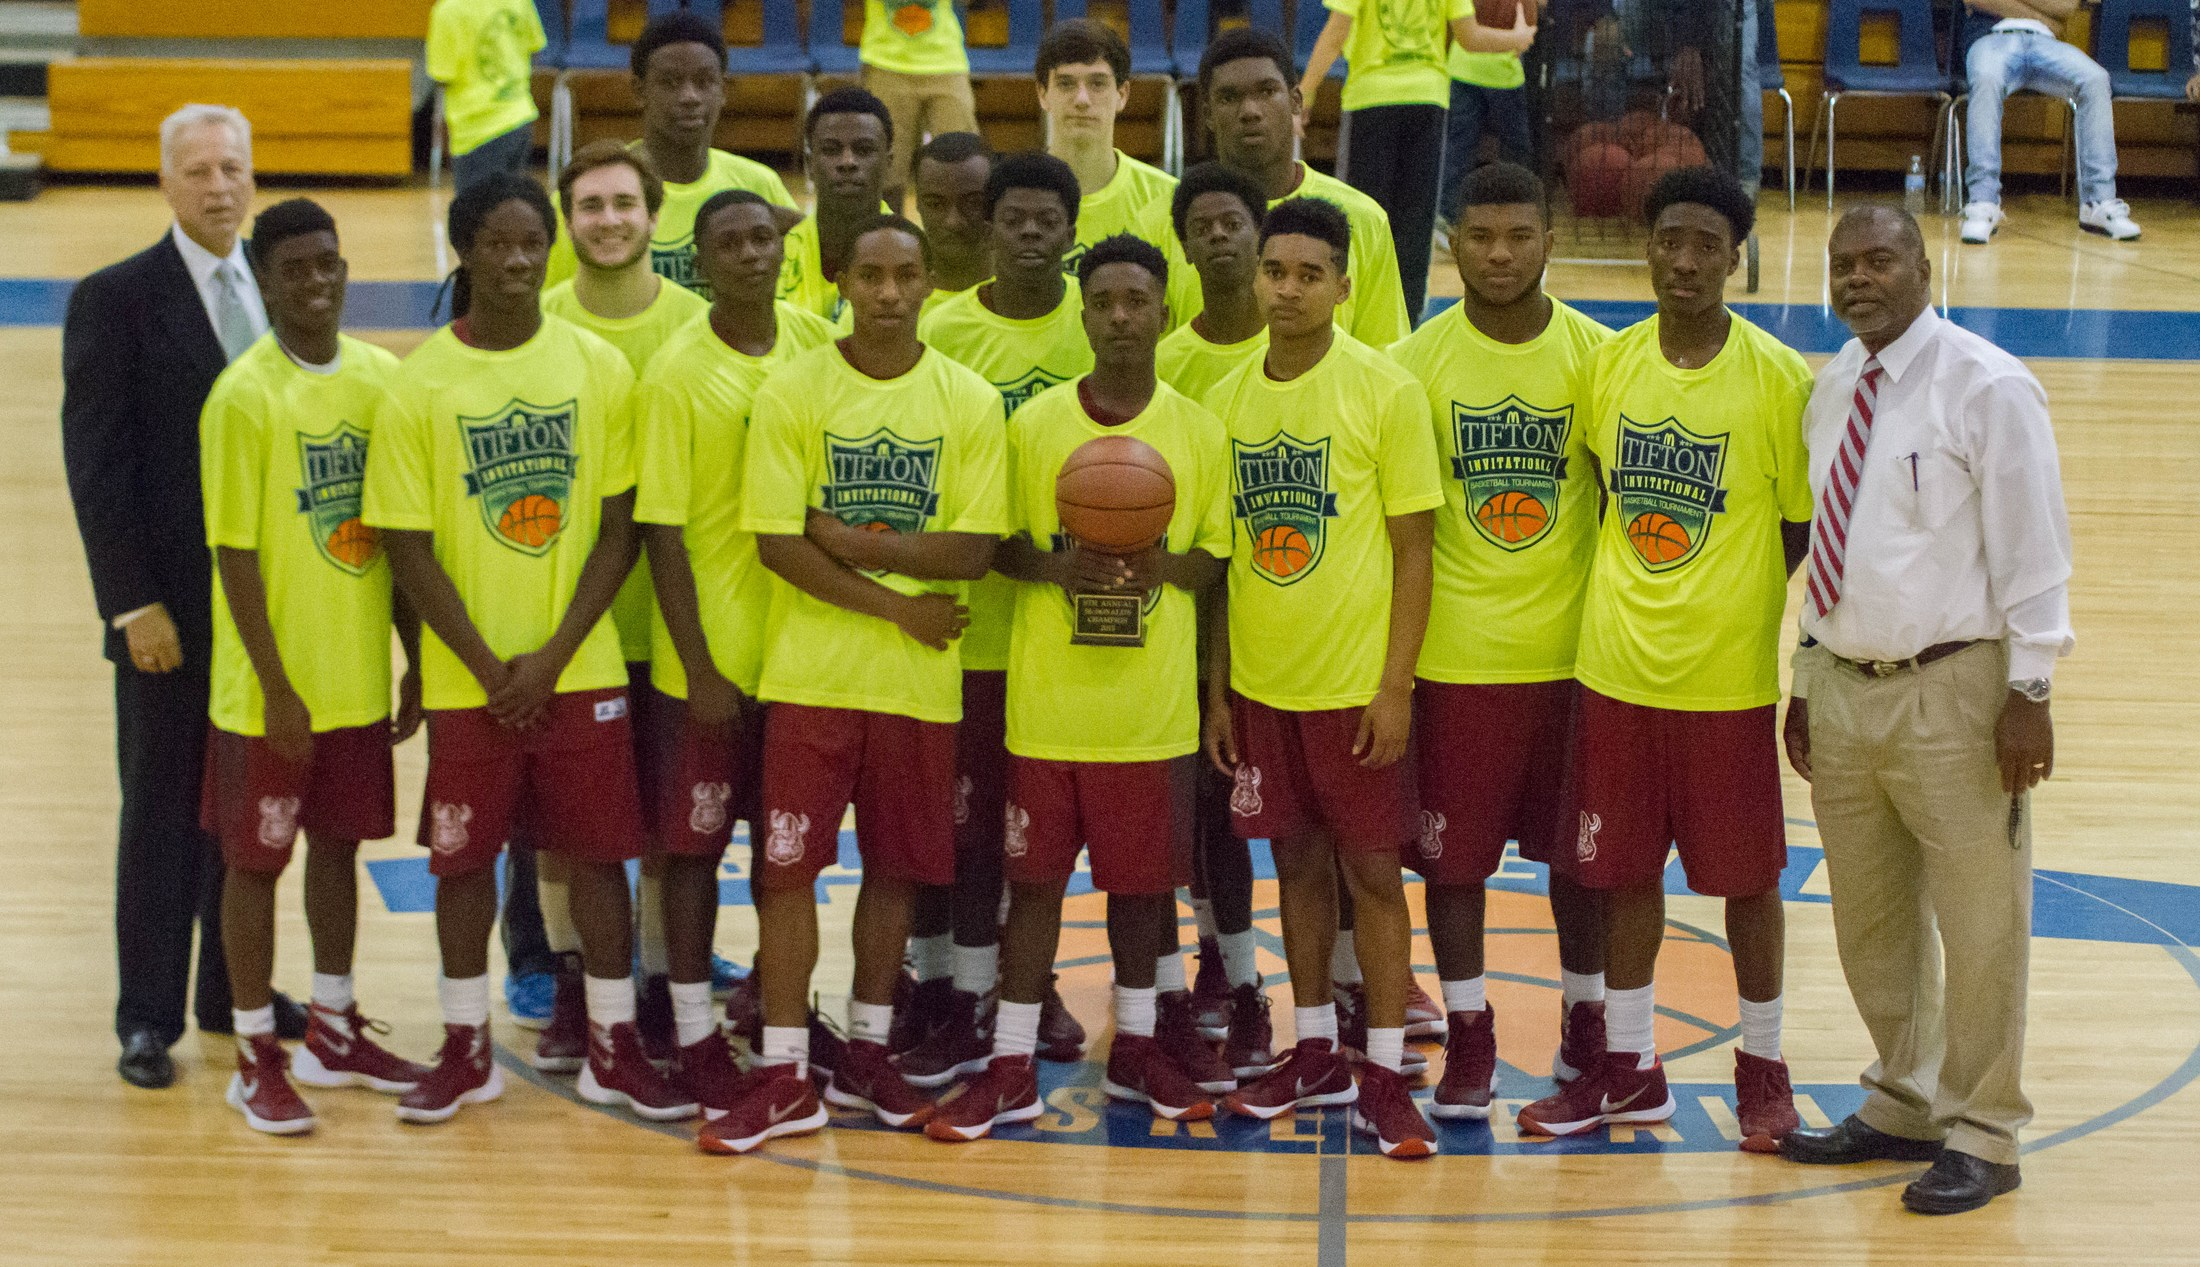 McDonald's Tournament players